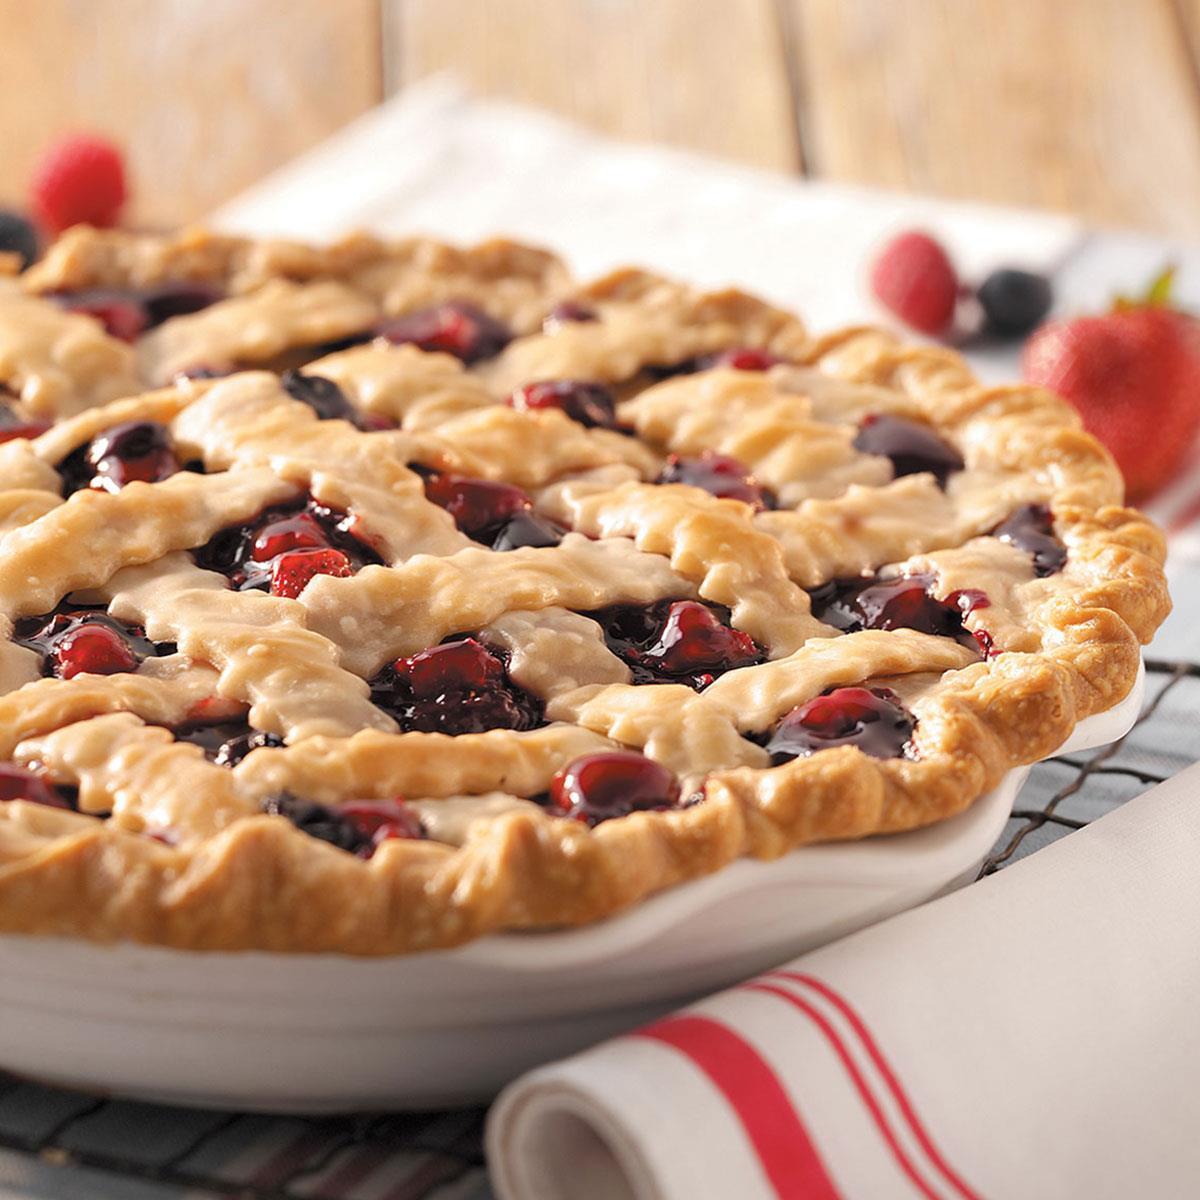 Mixed Berry Pie Recipe